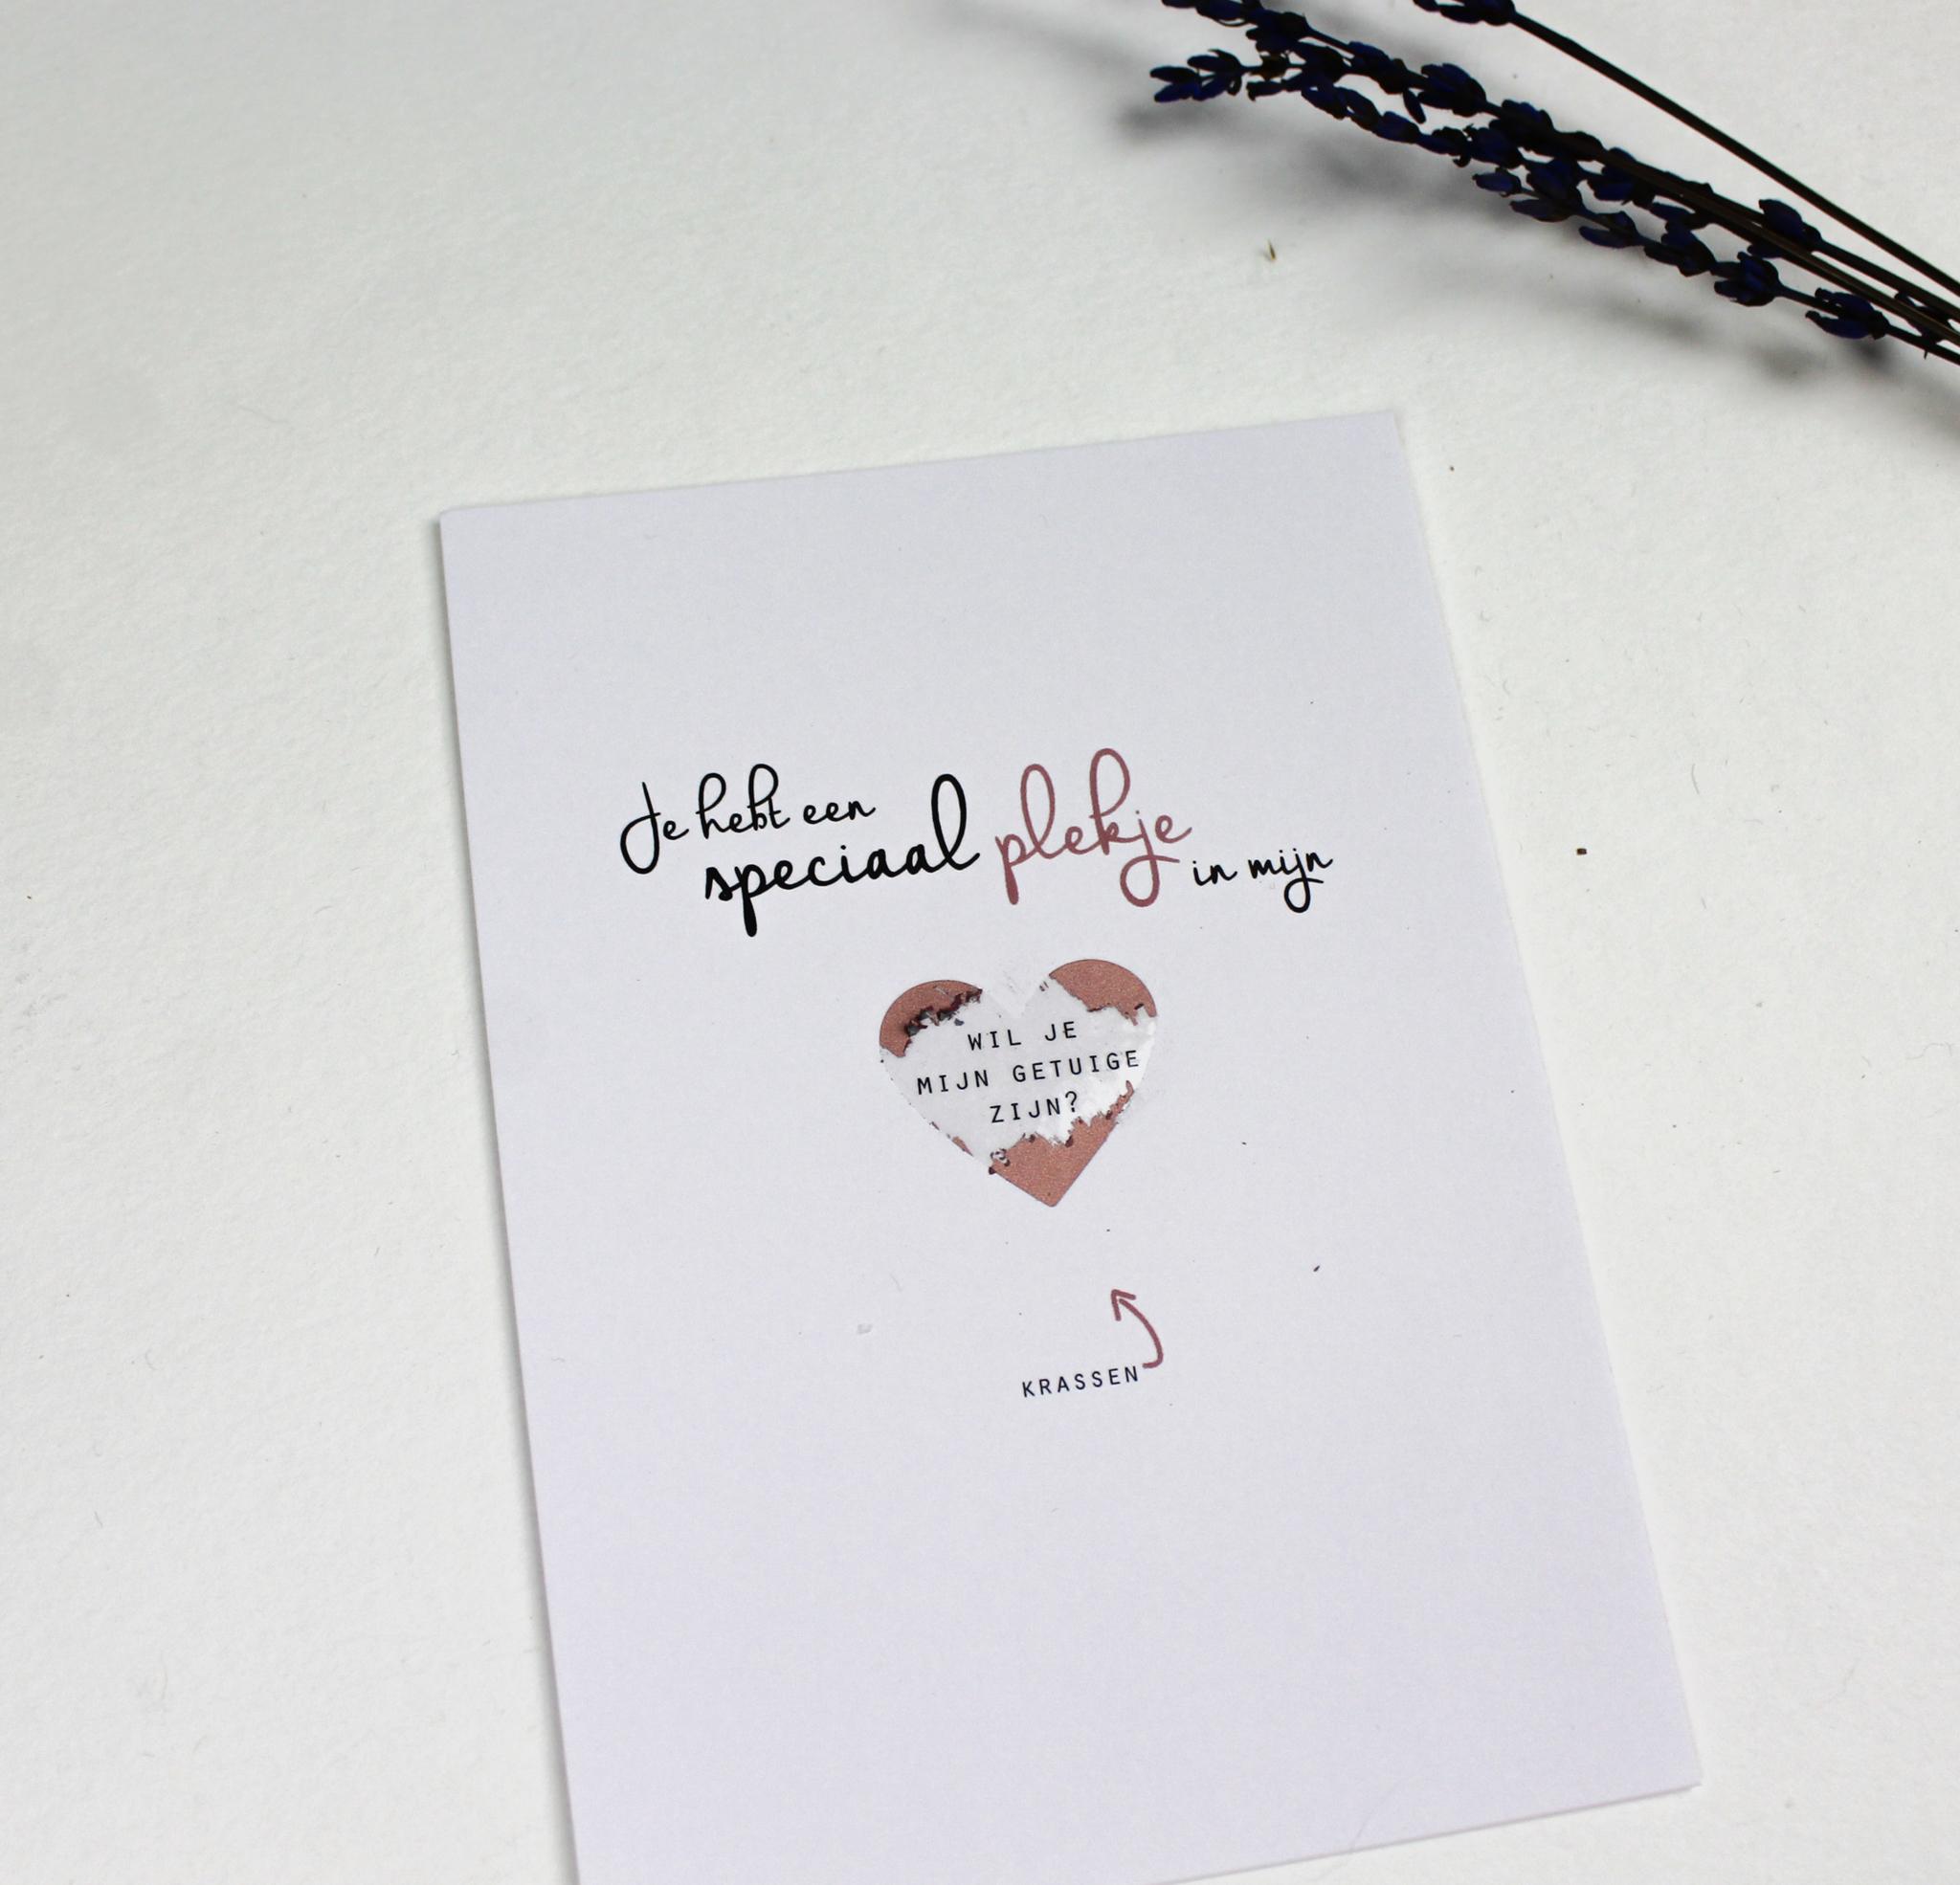 kraskaart getuige vragen bruiloft wil je mijn getuige zijn ideefabriek goud rosegoud zilver